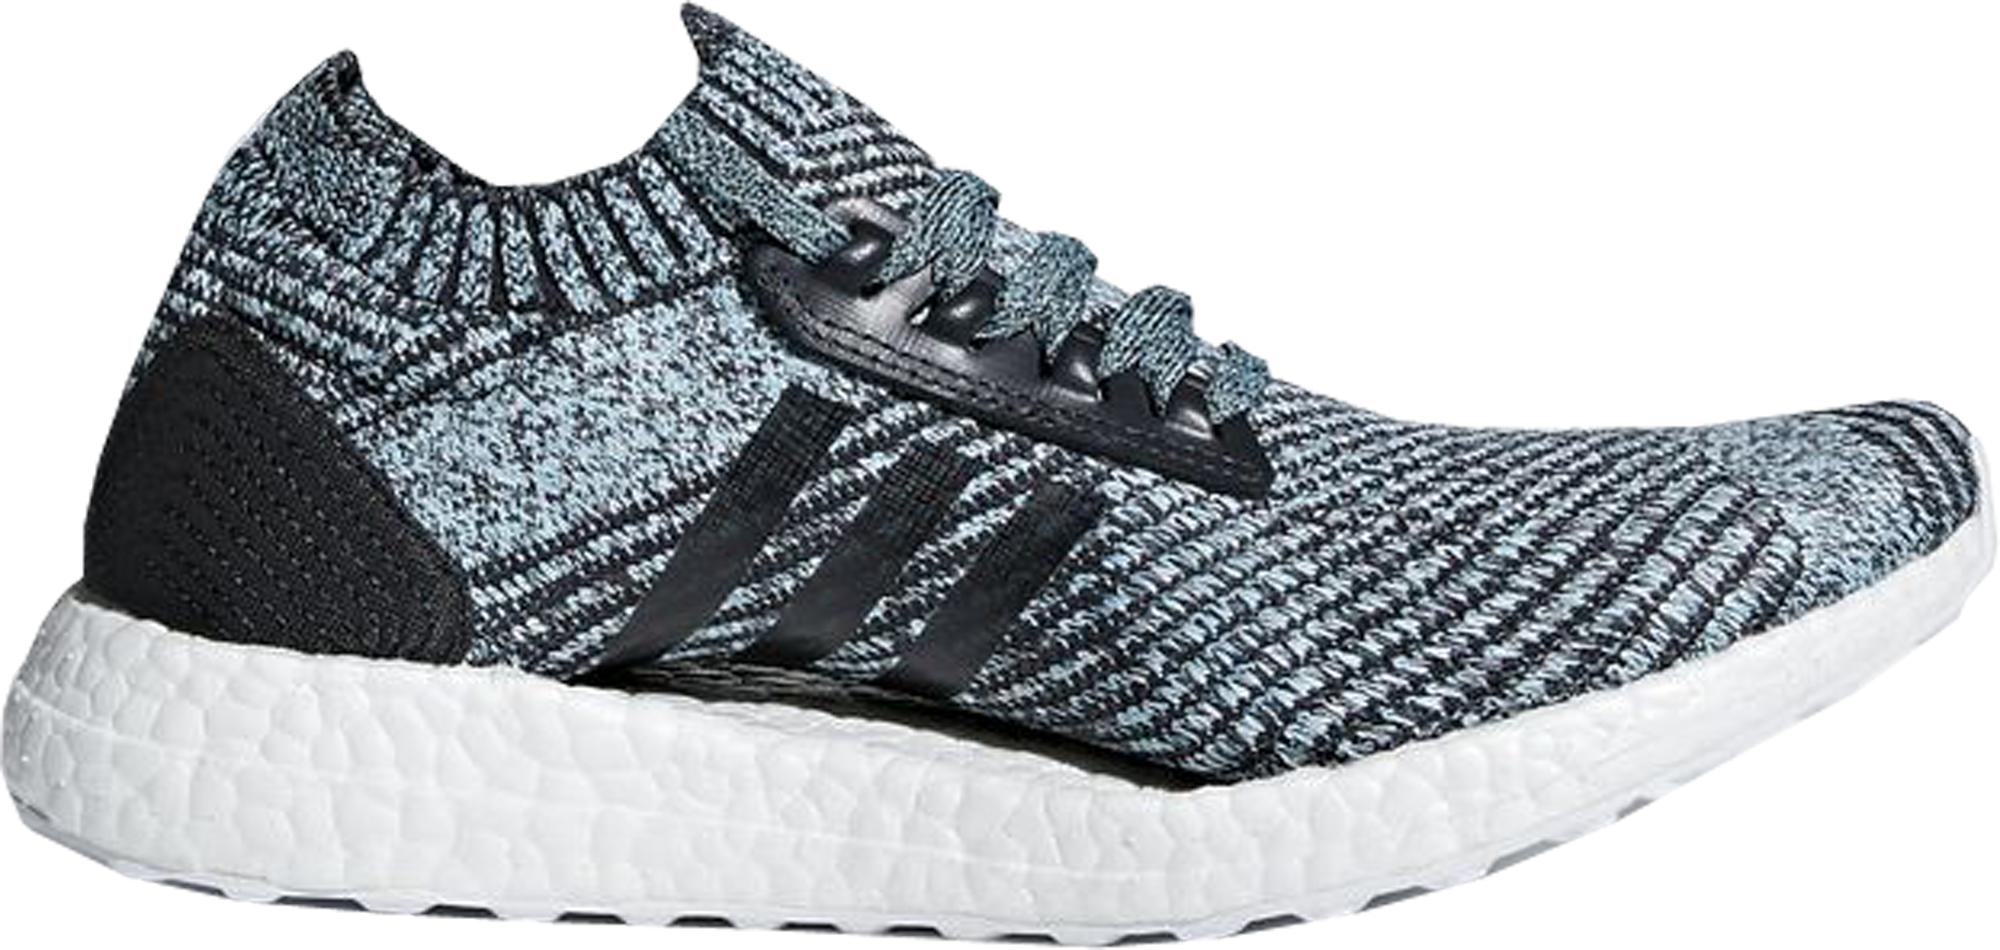 adidas Ultra Boost X Parley Carbon (W